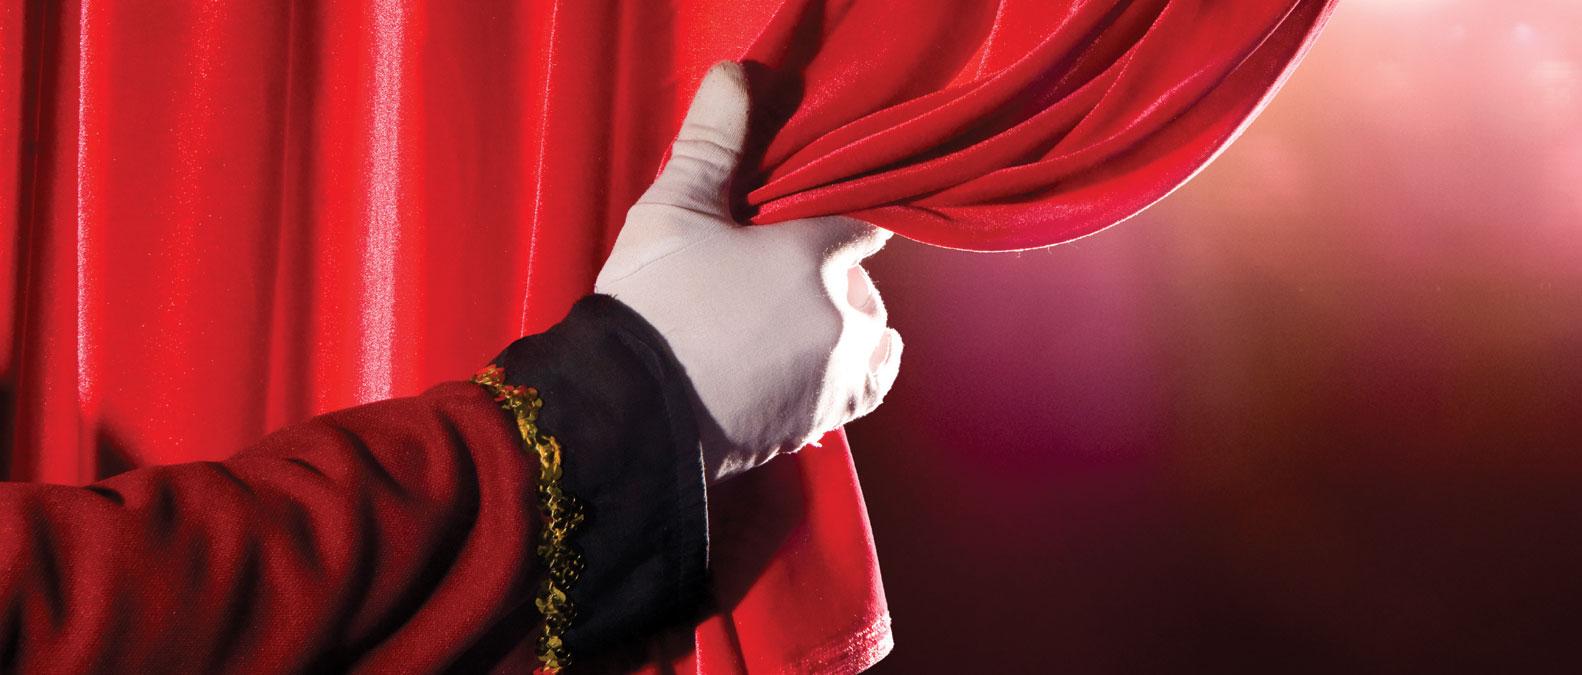 Жителей Запорожья приглашают на премьеру спектакля-головоломки